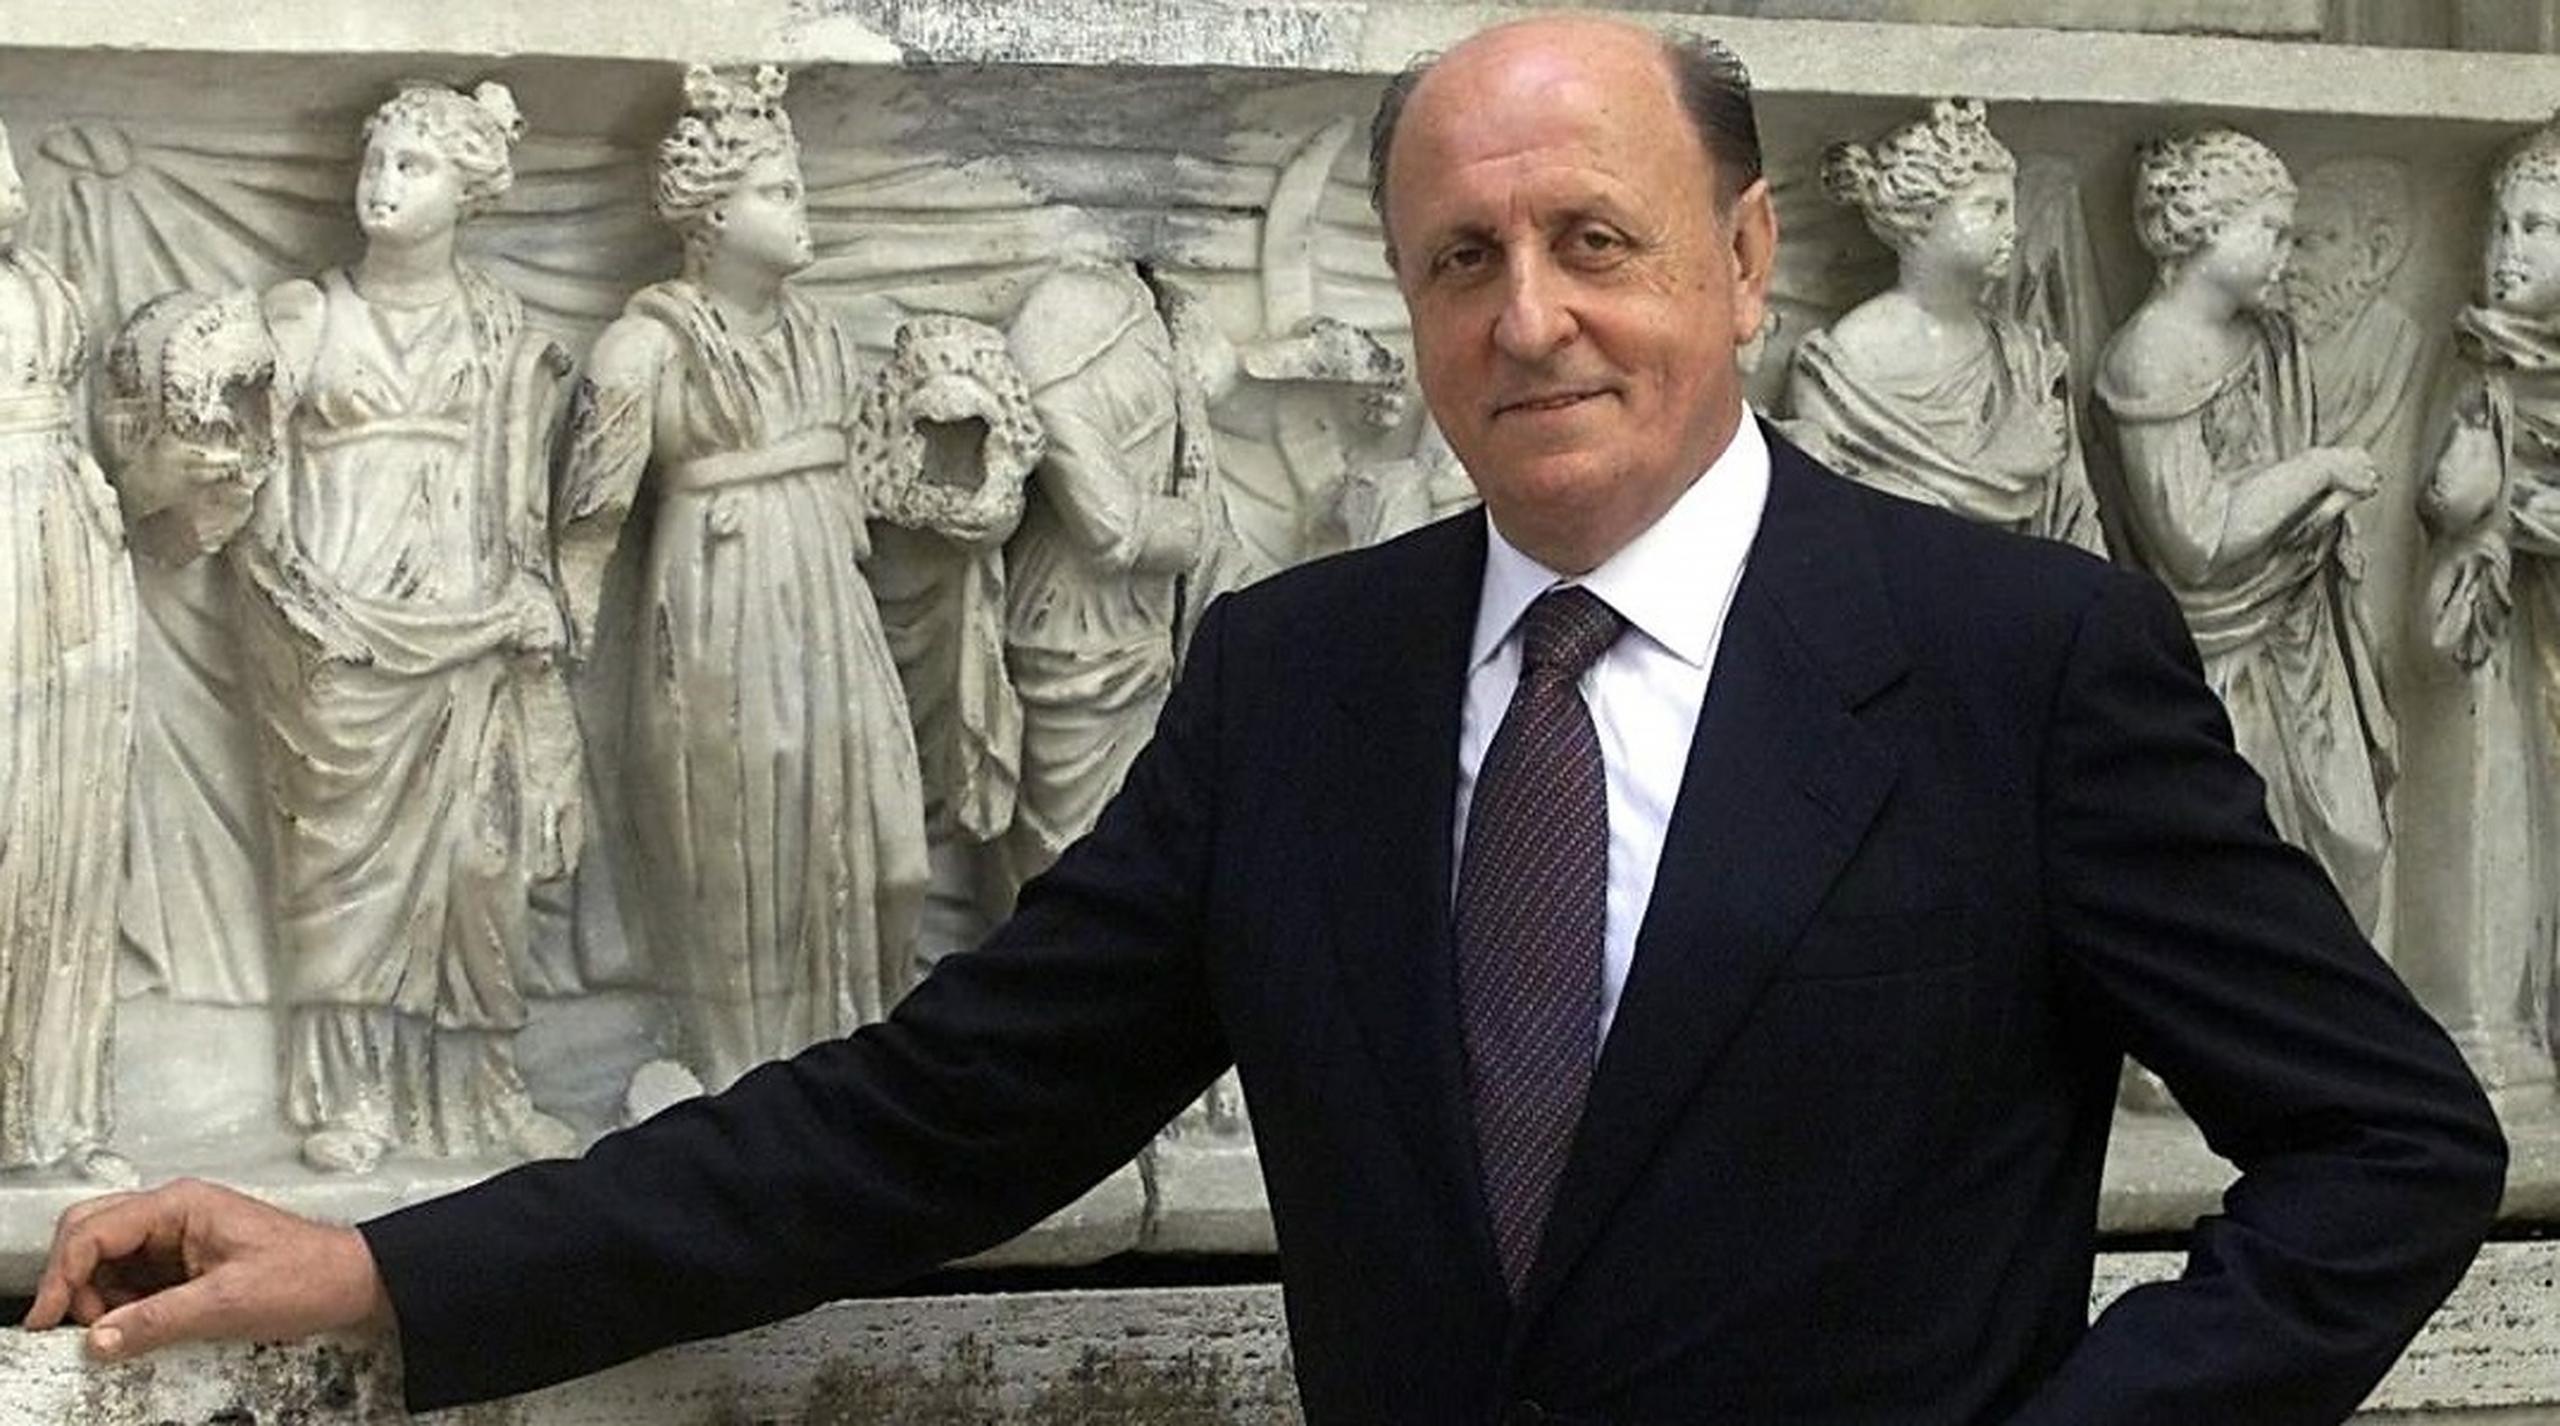 Fostul șef al băncii Vaticanului a fost condamnat la nouă ani de închisoare pentru spălare de bani și delapidare